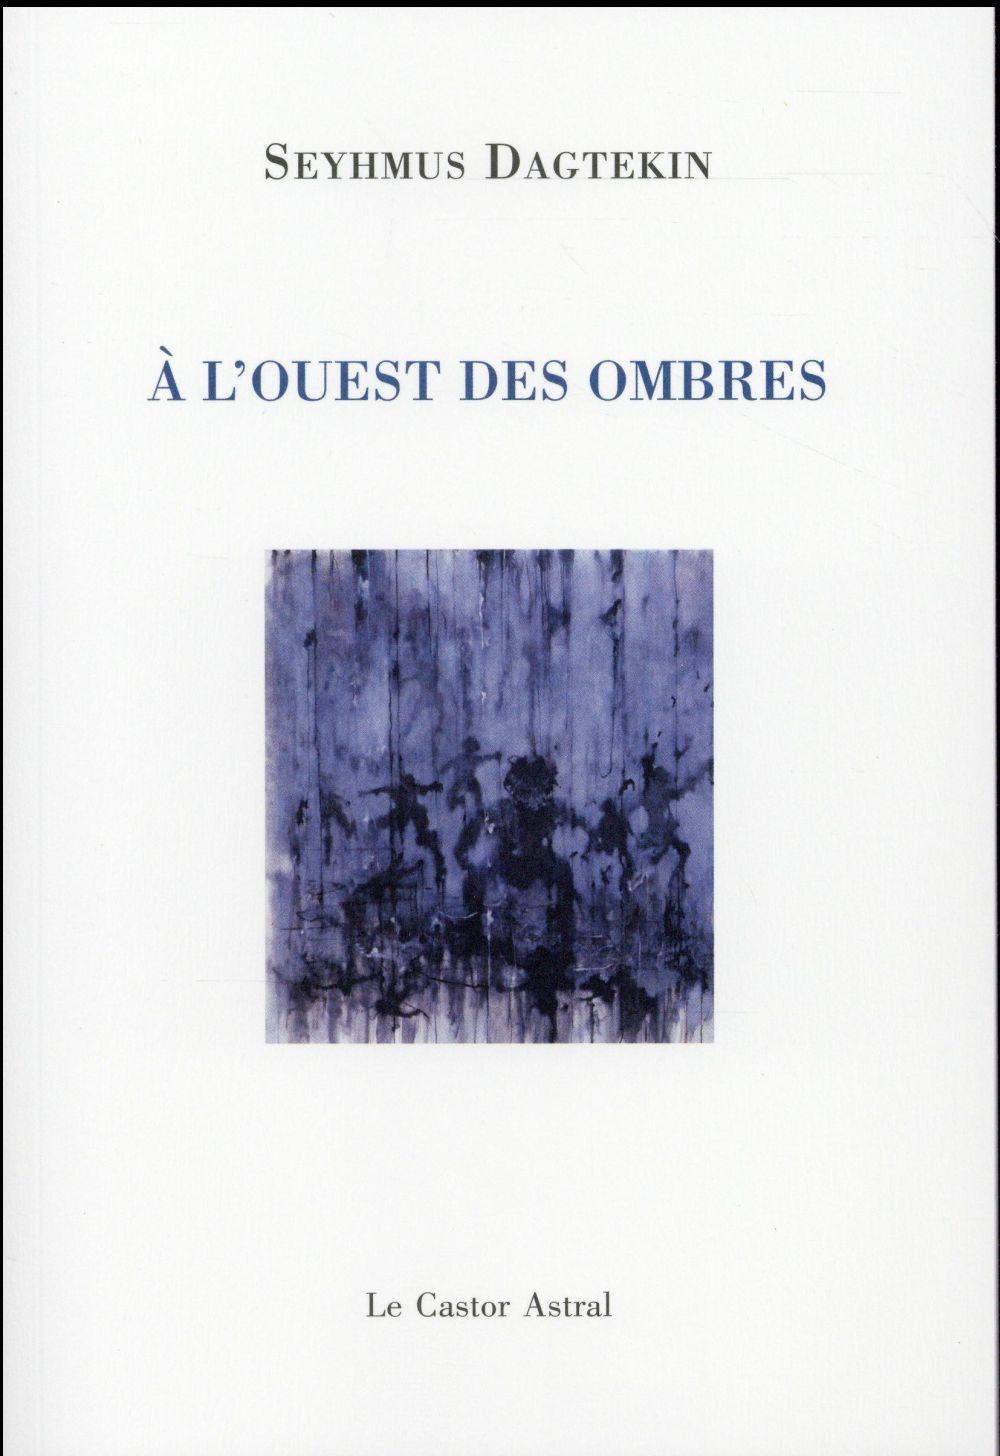 A L'OUEST DES OMBRES